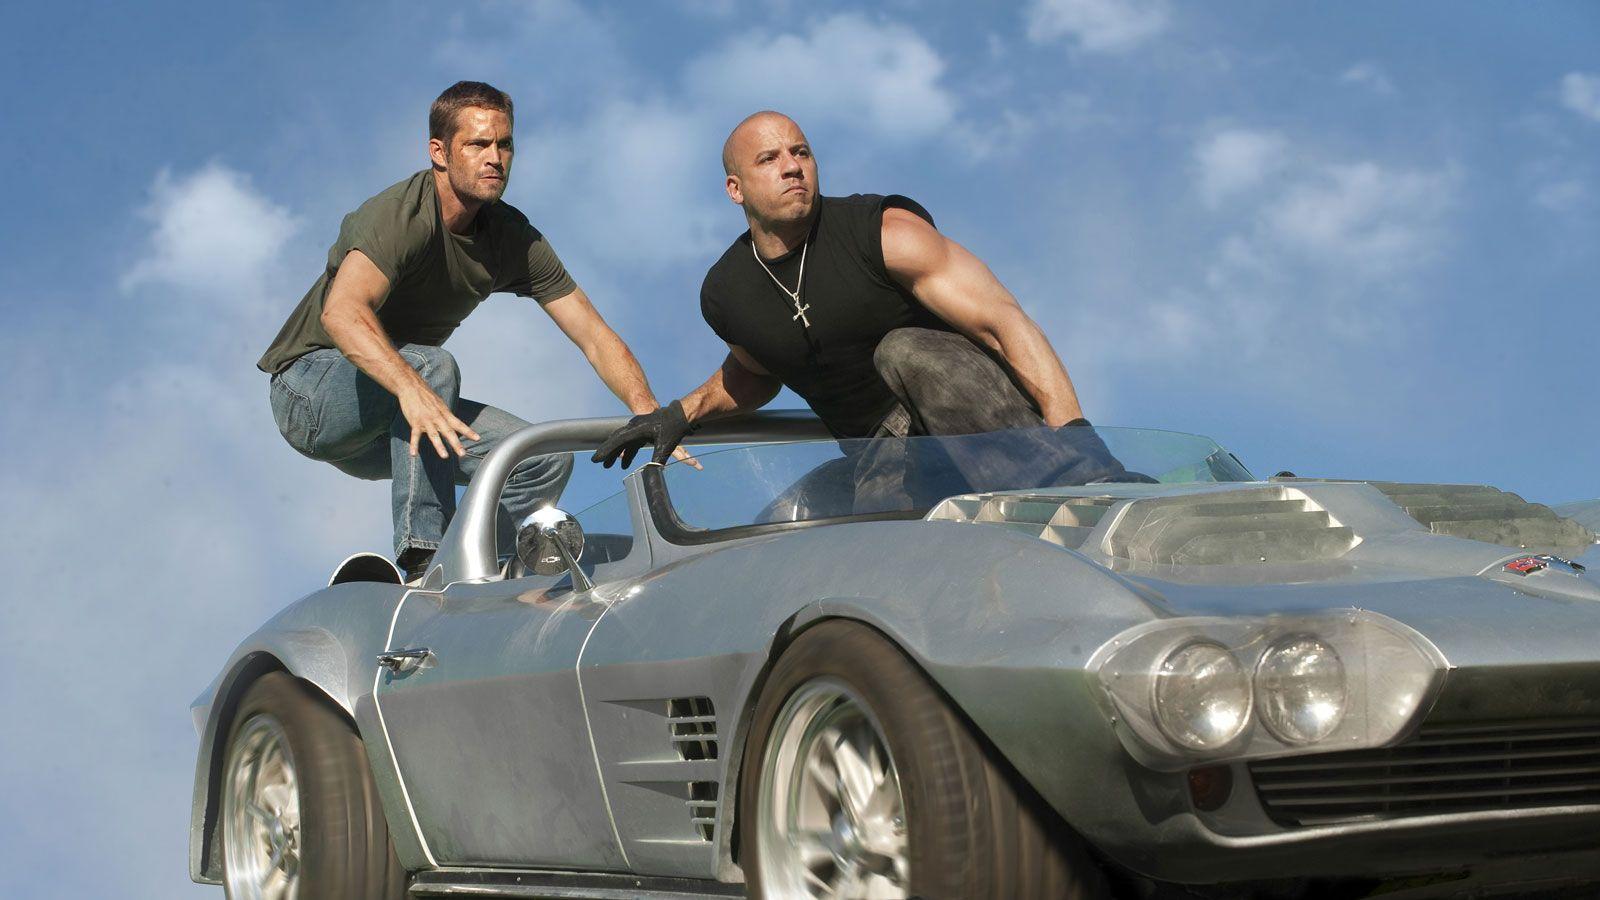 Vin Diesel as Anyone